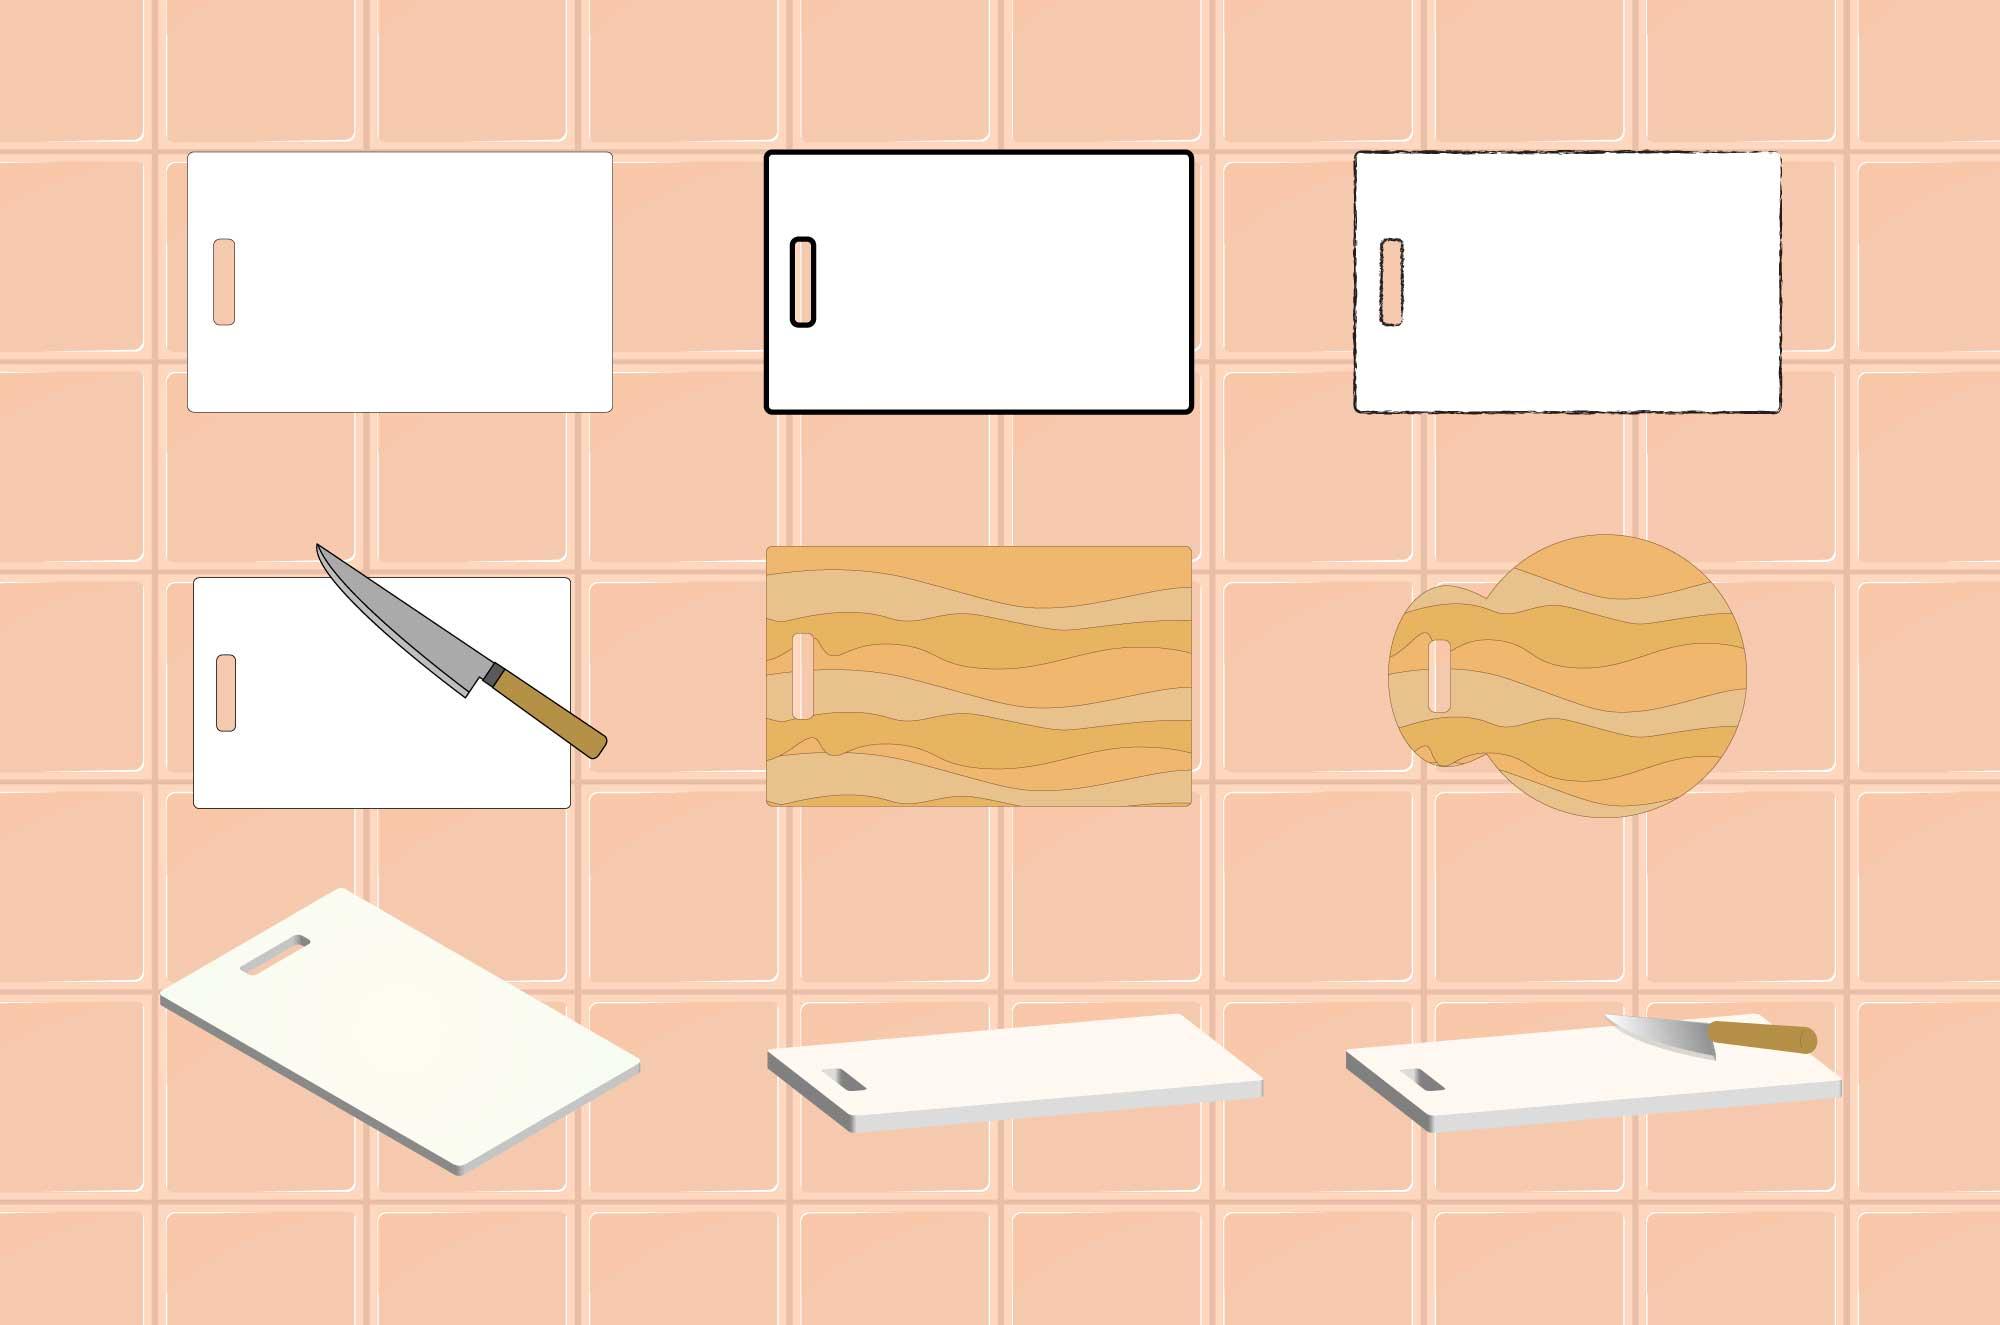 まな板イラスト - フリーの料理道具の無料素材